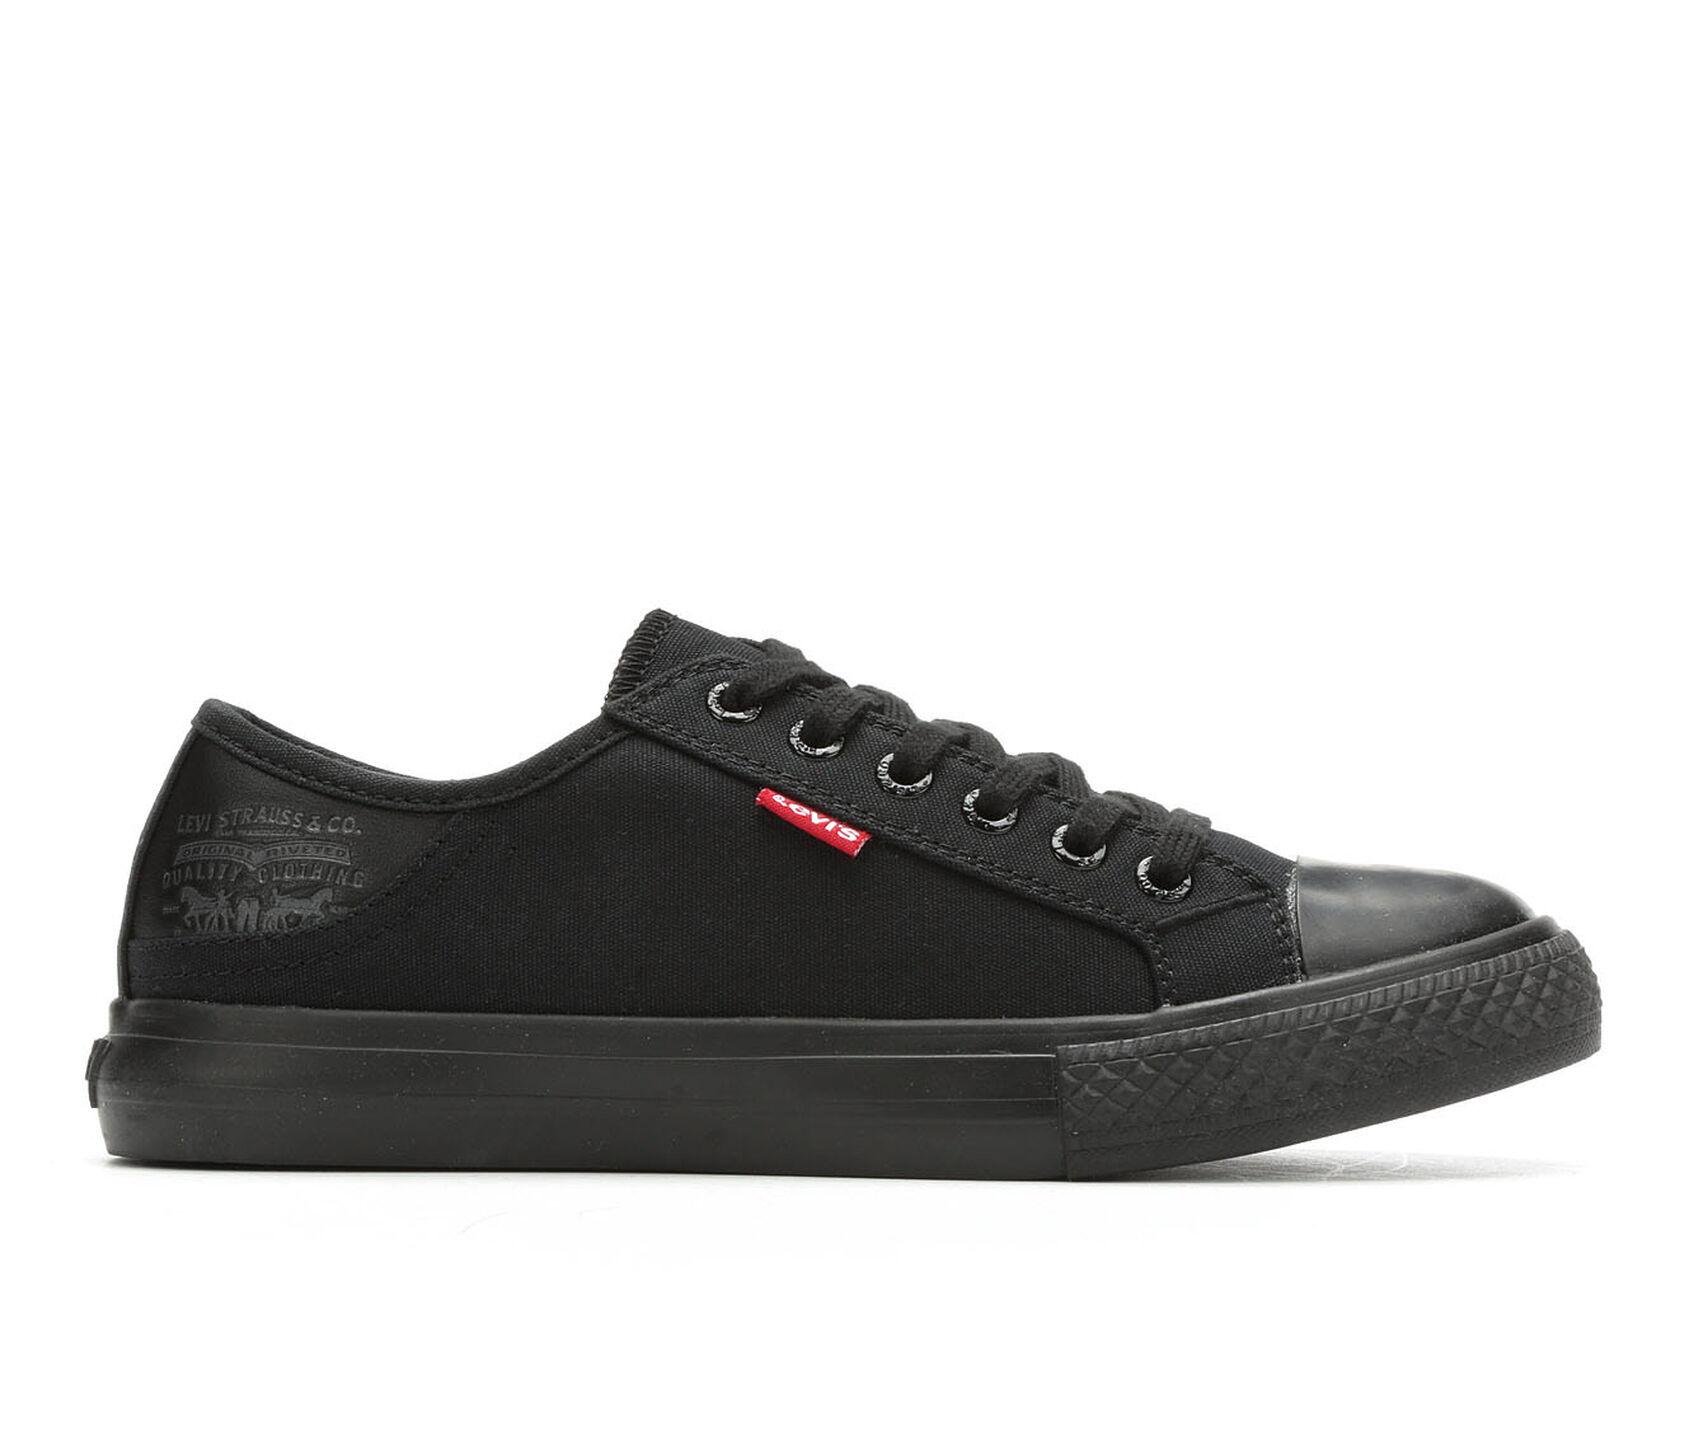 475420ae40c3 Women s Levis Stan Buck Sneakers